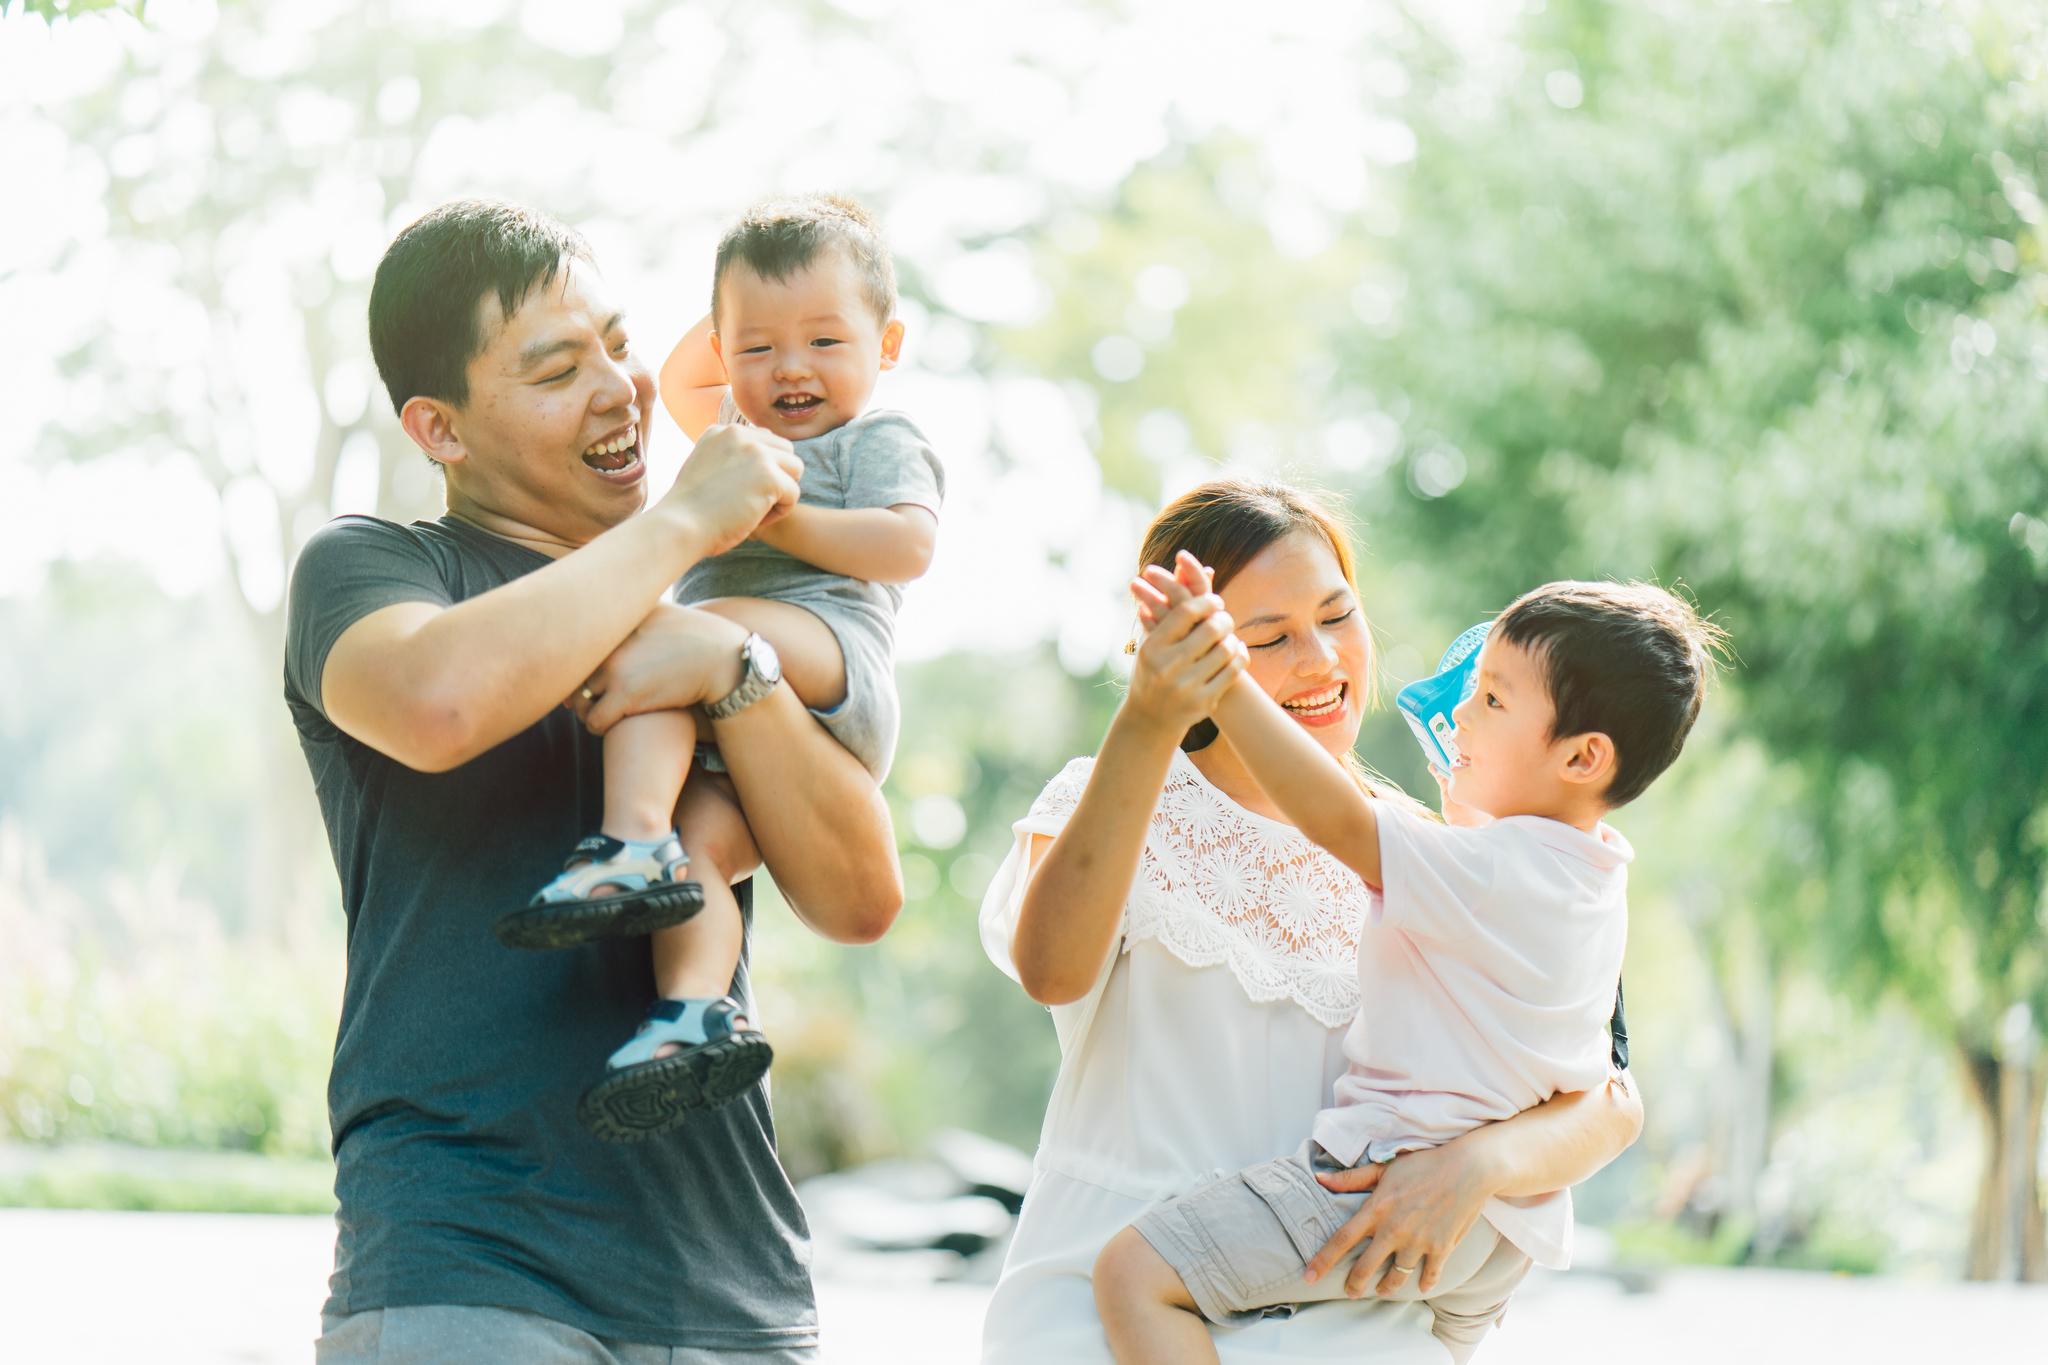 Jayden & Faith Family Photoshoot (65 of 76).JPG